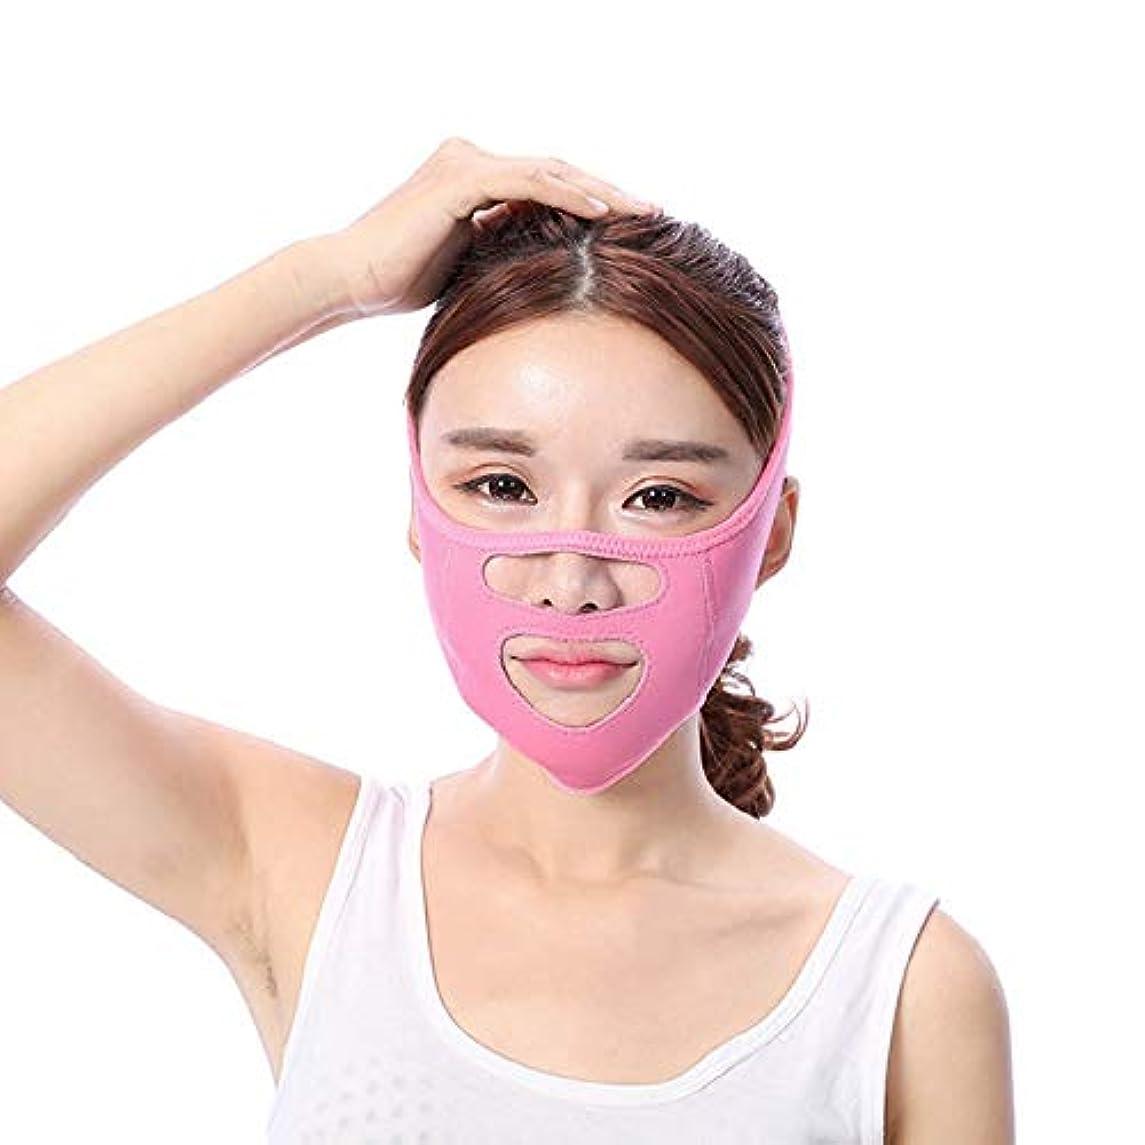 訴える自動的に契約するフェイスリフトベルトフェイスバンデージ美容機器リフティングファインディングダブルチン法令Vマスク睡眠マスク通気性 美しさ